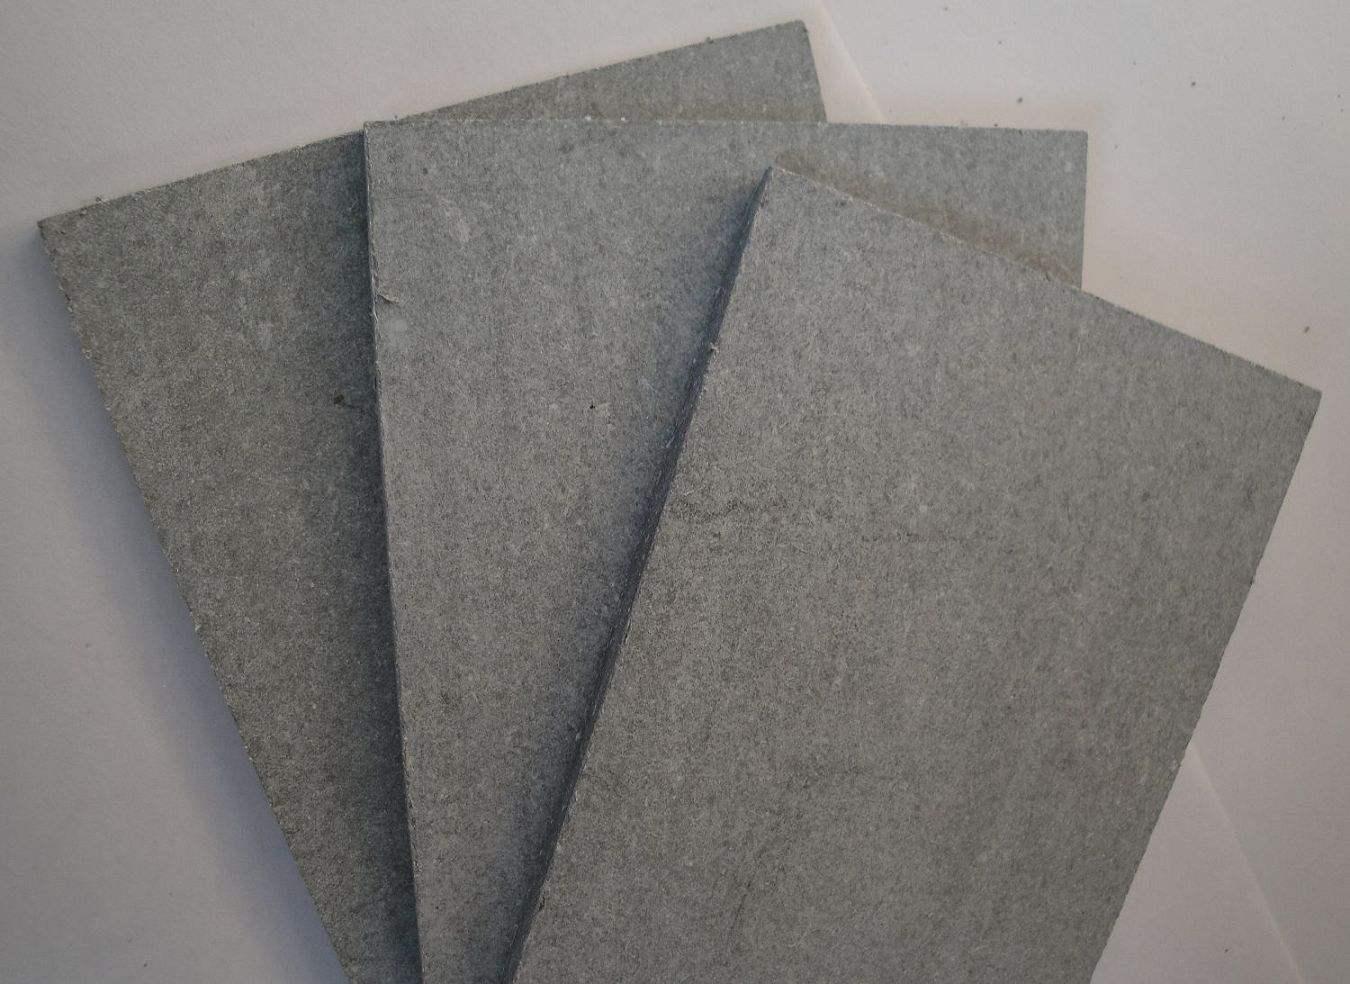 水泥壓力板是一種新型的建材 應用在很多的新型建筑領域